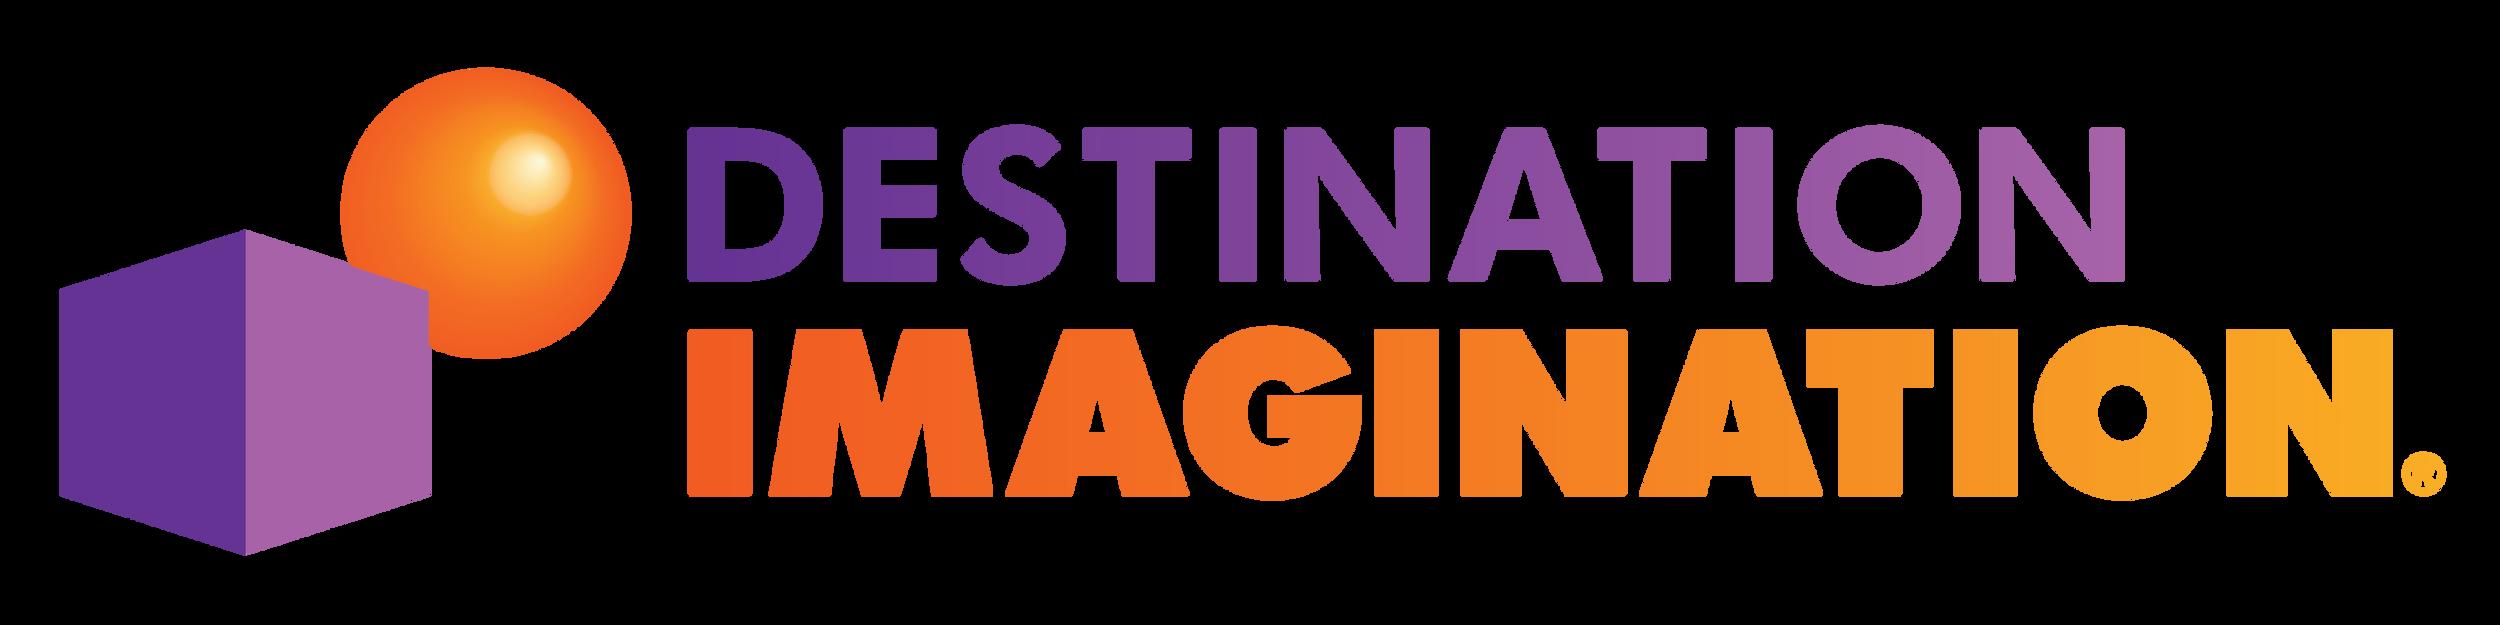 Znalezione obrazy dla zapytania: imagination destination